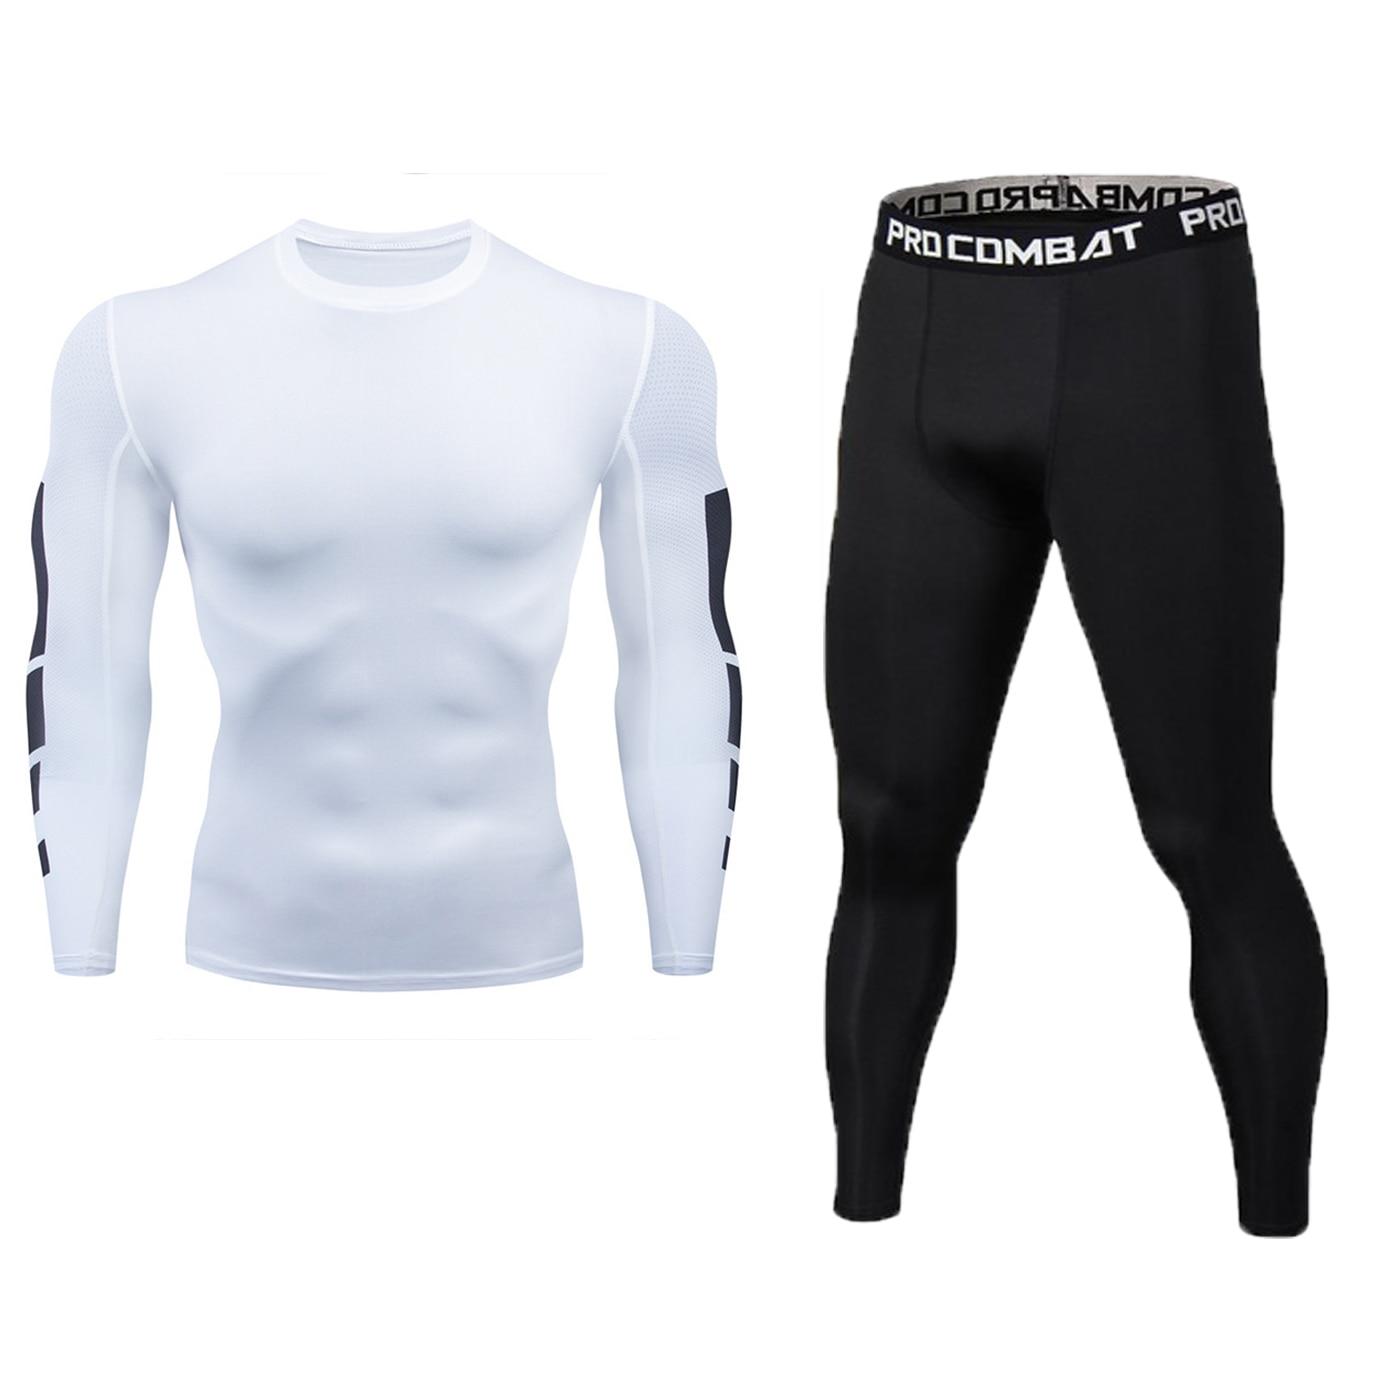 2 teile/los compression männer der sport anzug schnell trocknend läuft anzug lange hülse kleidung training gym fitness sportswear sport